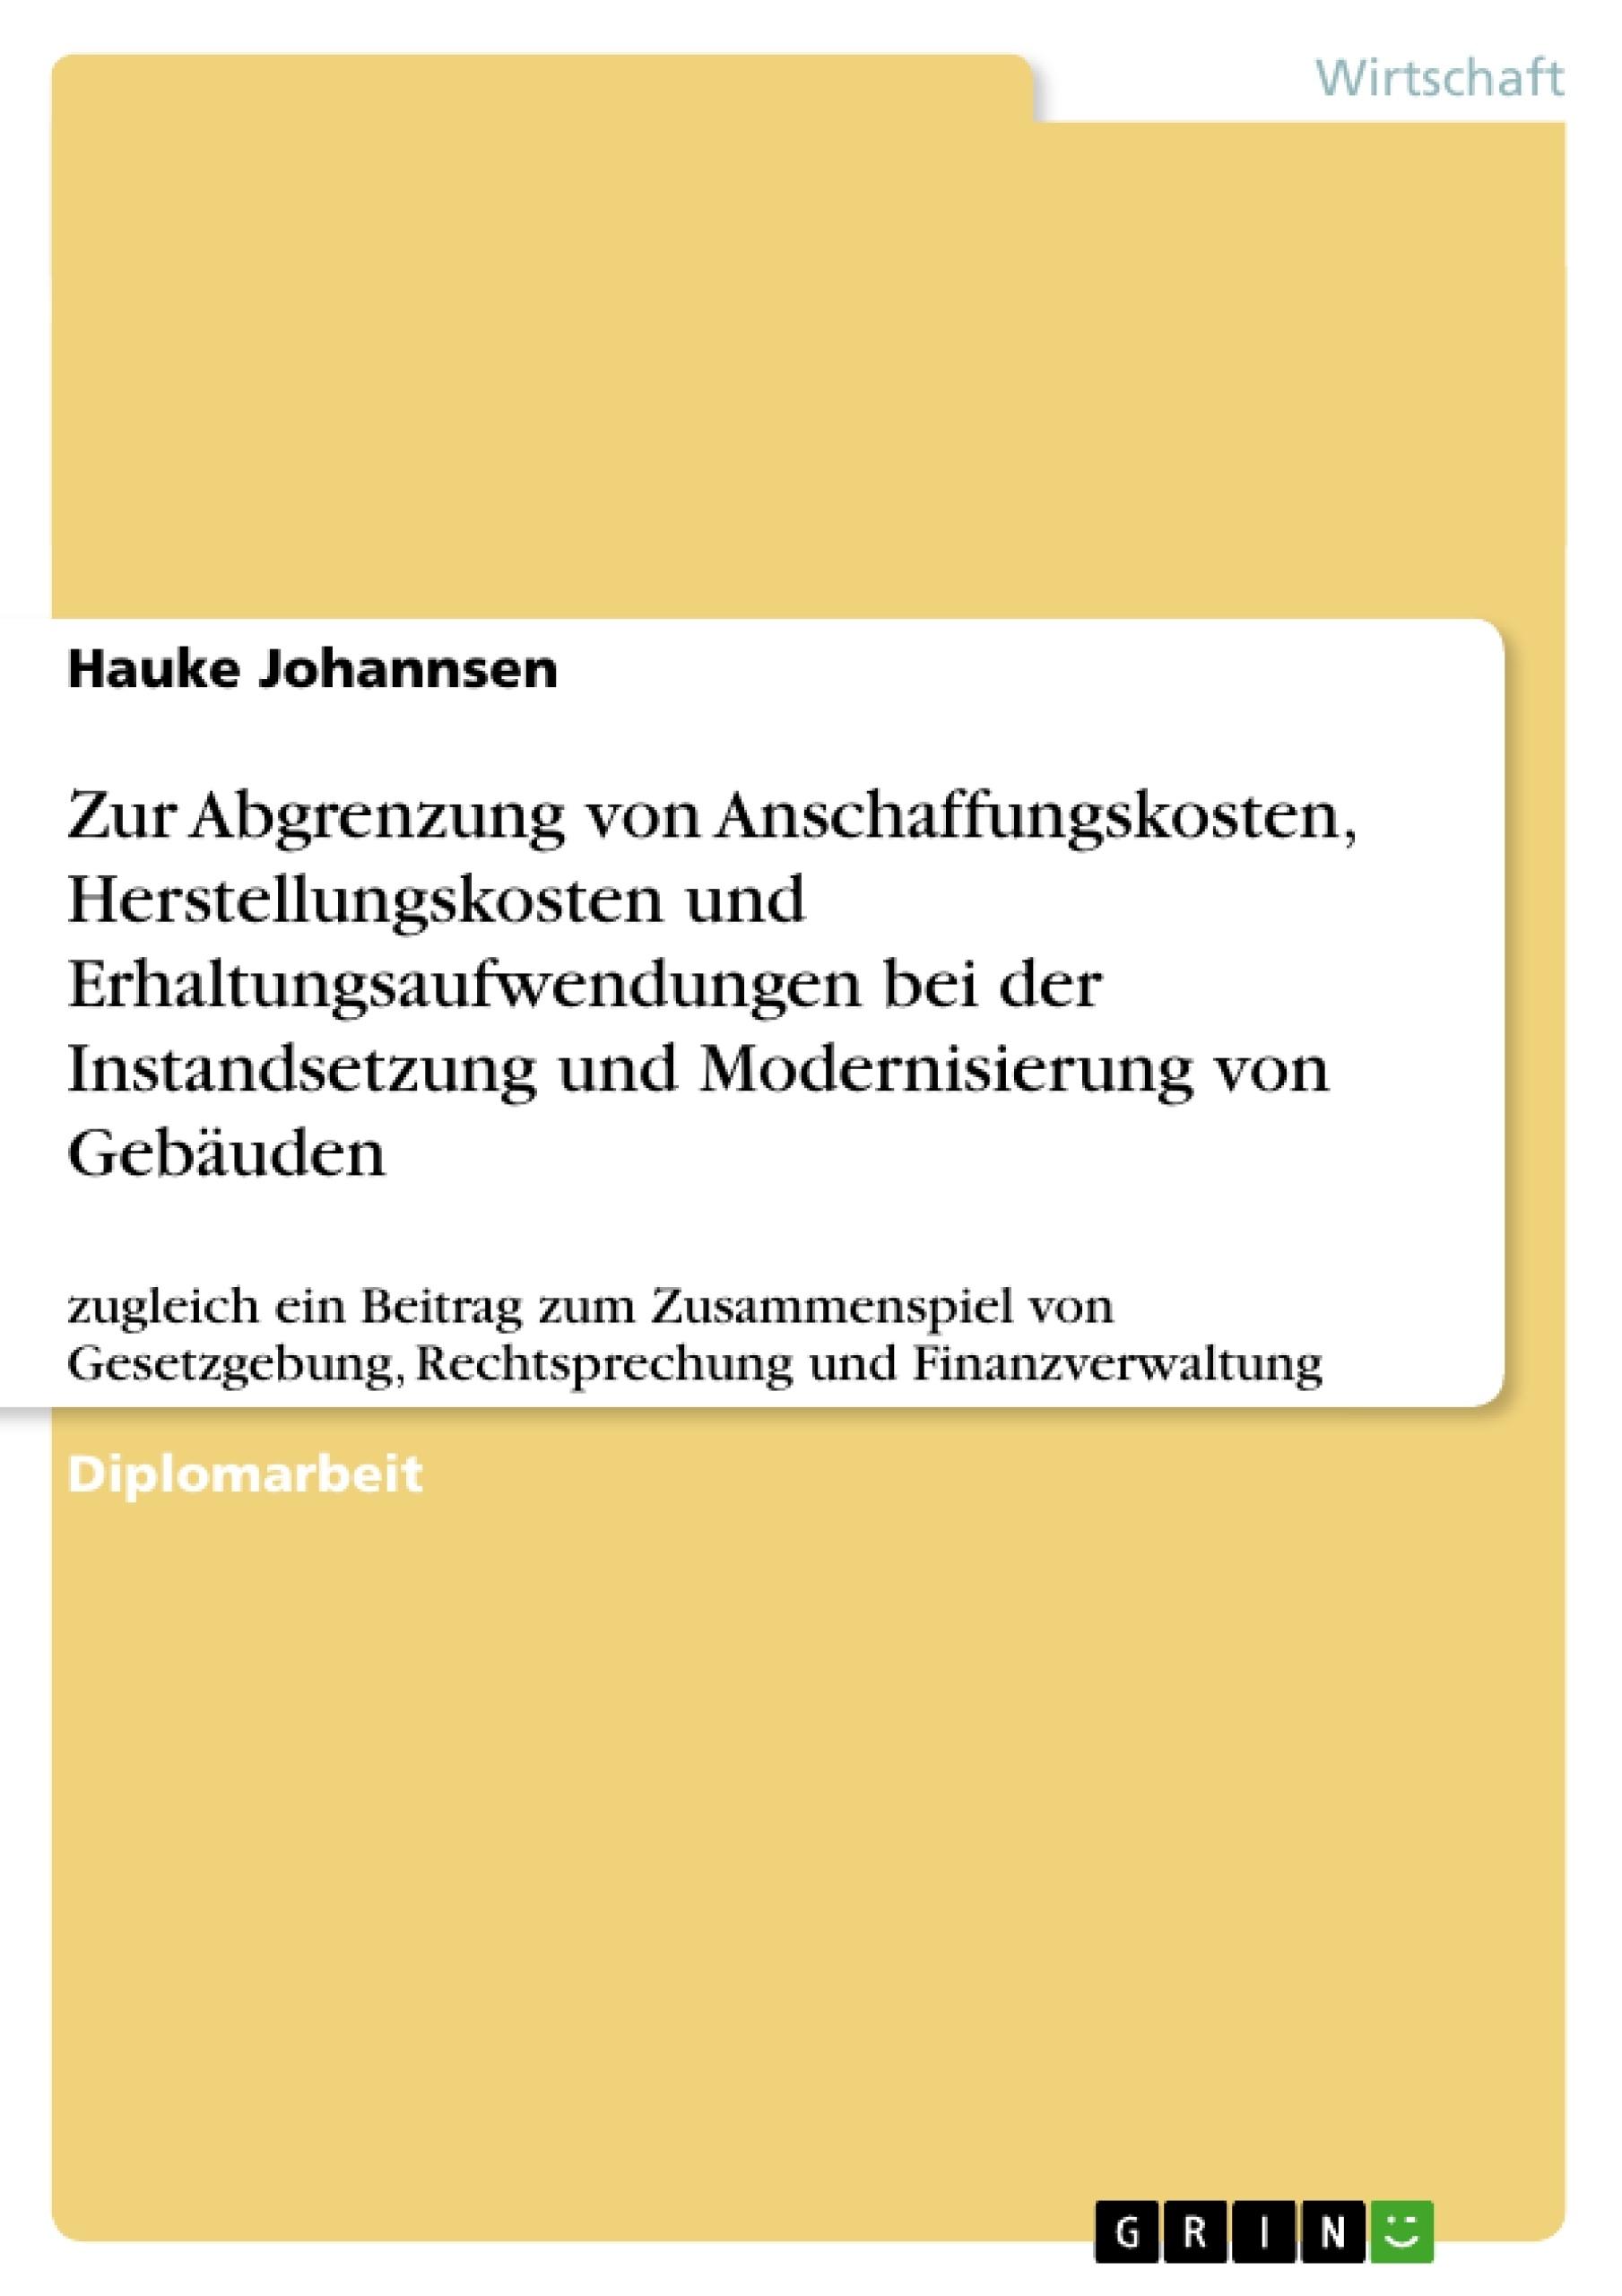 Titel: Zur Abgrenzung von Anschaffungskosten, Herstellungskosten und Erhaltungsaufwendungen bei der Instandsetzung und Modernisierung von Gebäuden